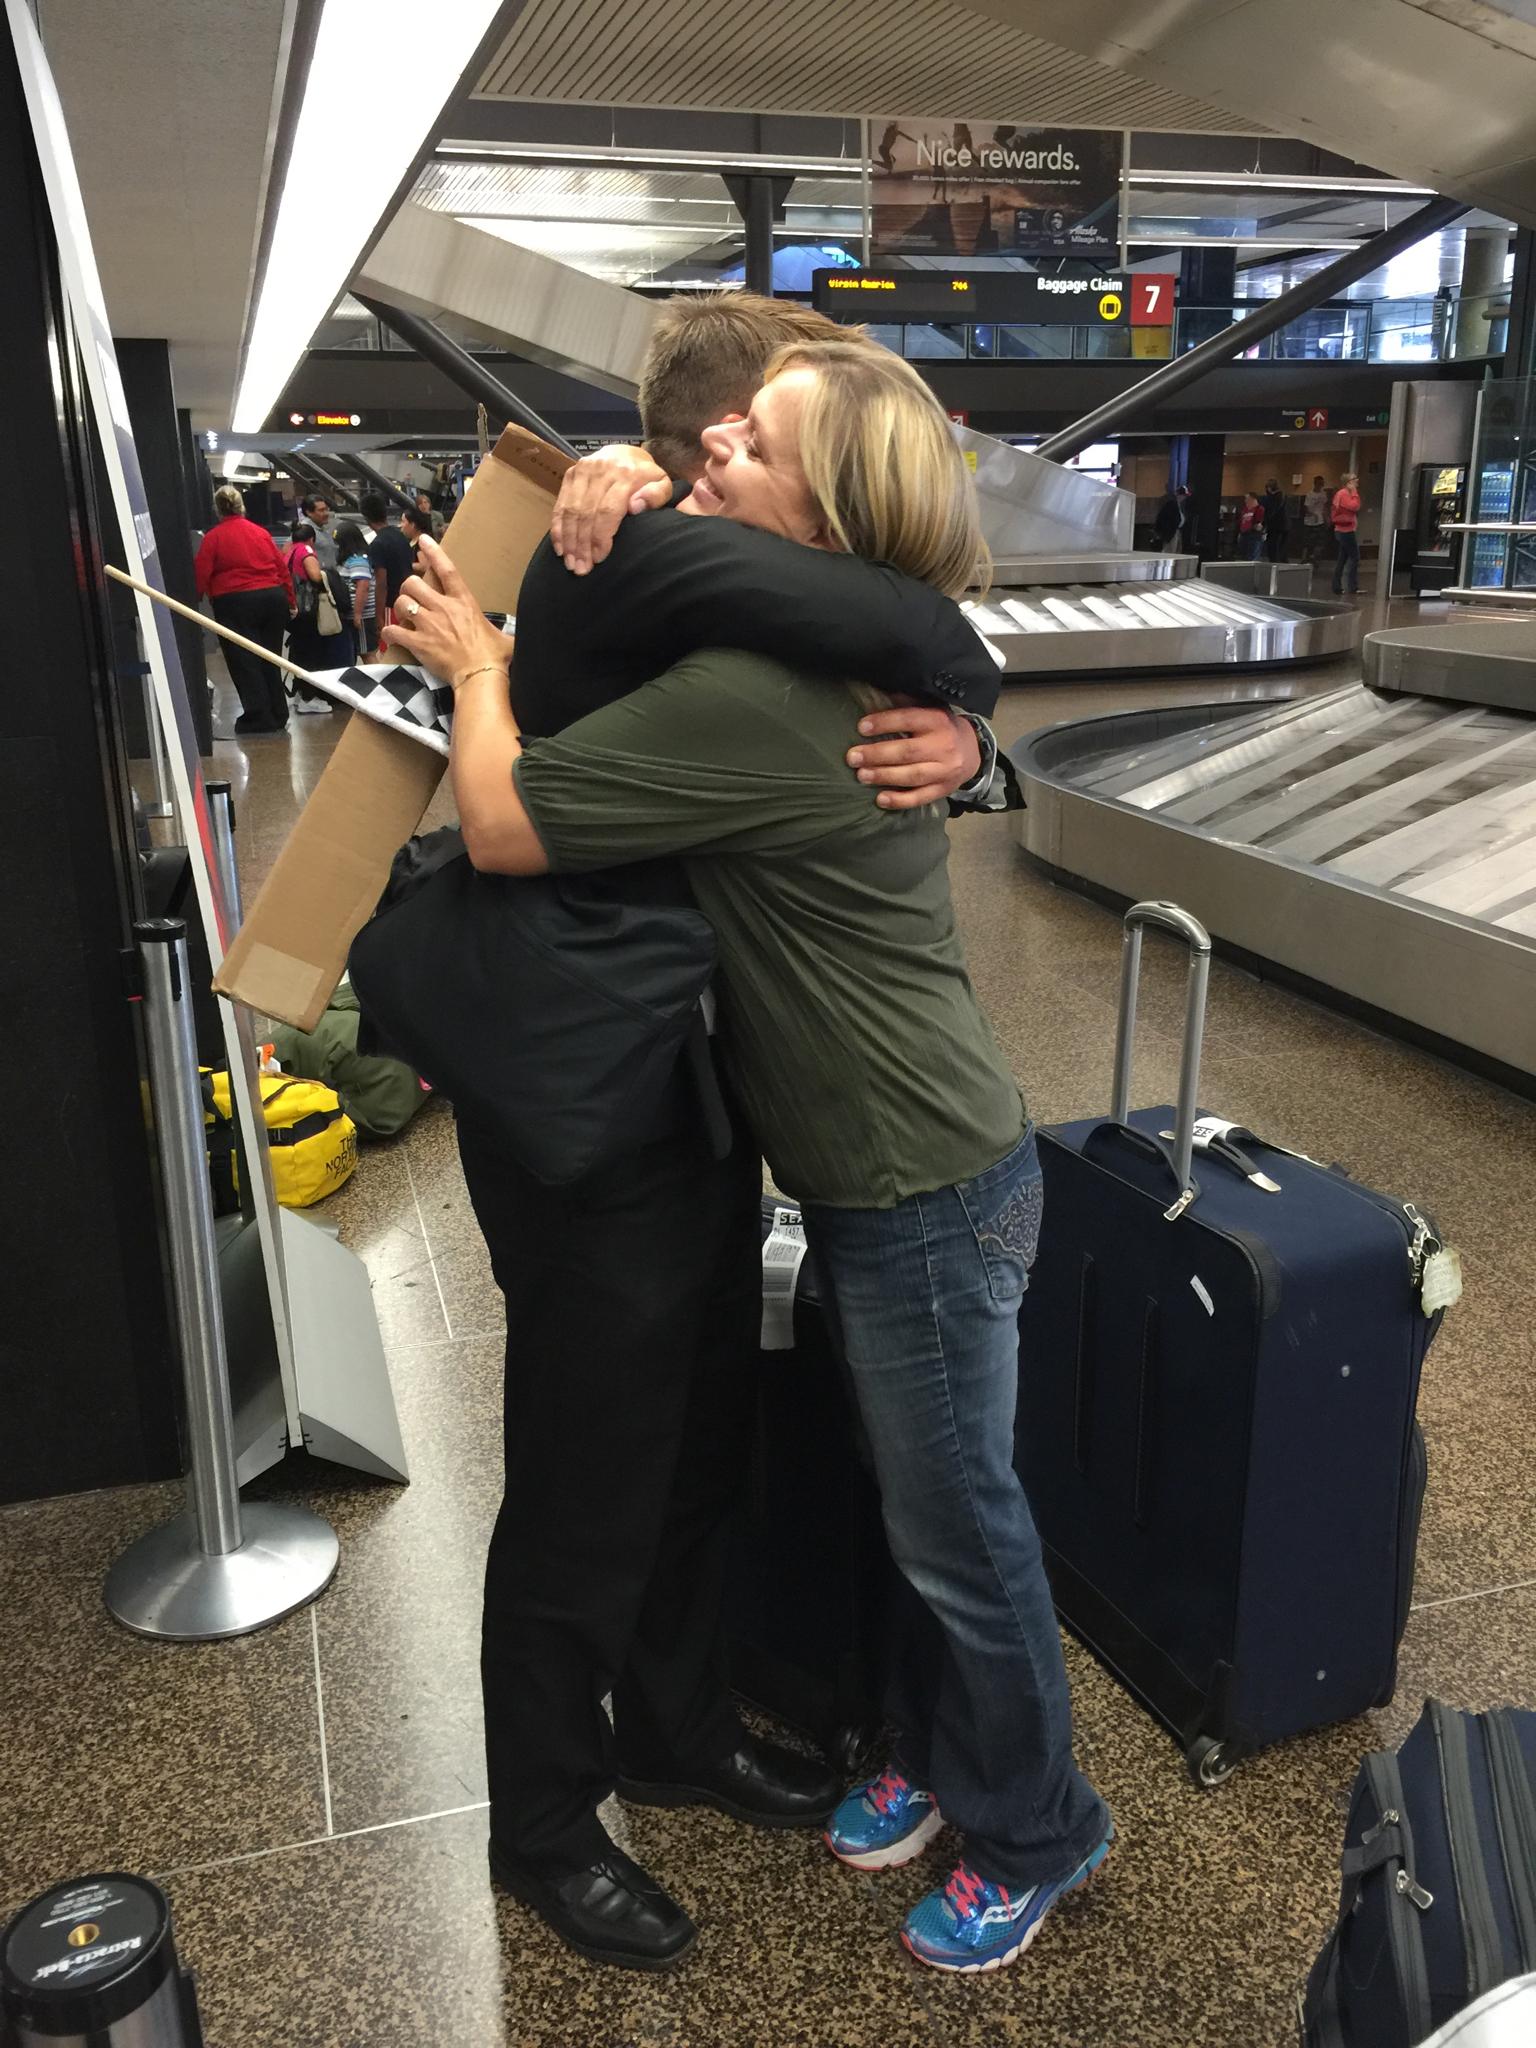 The HUG!